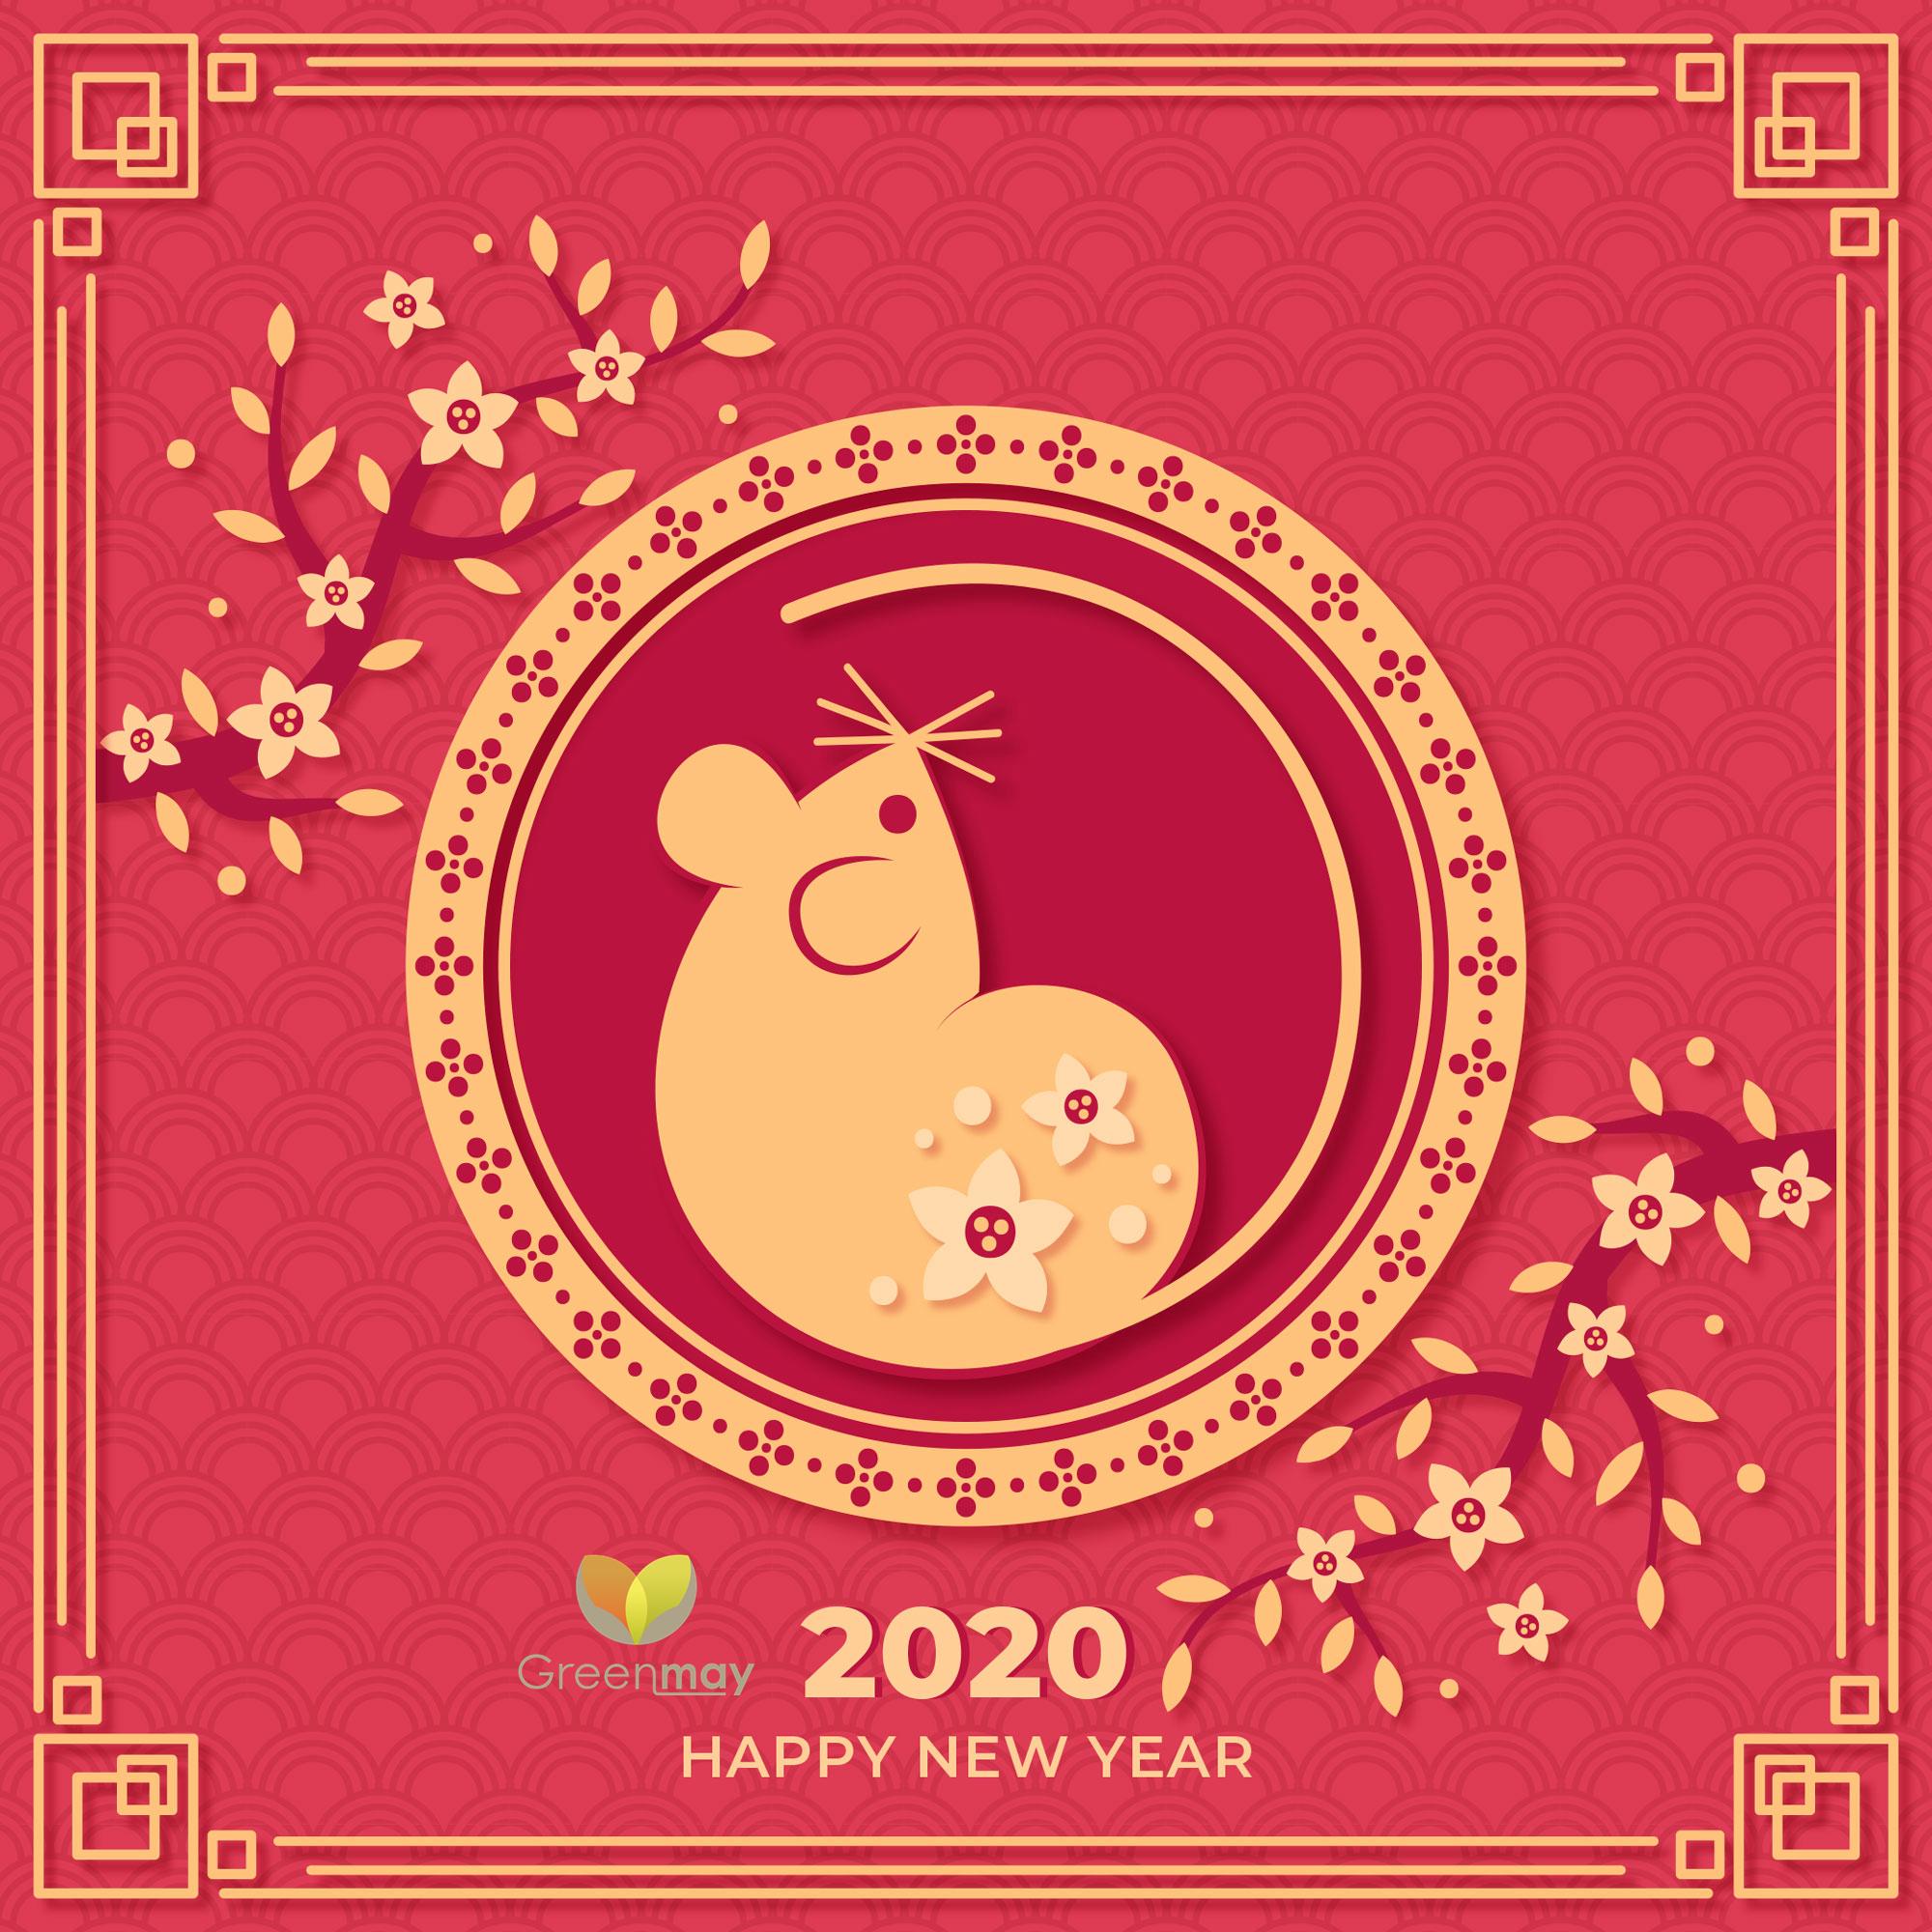 春節 2020 2021春節|過年旅遊玩什麼?桃竹苗走春21處打卡景點好去處